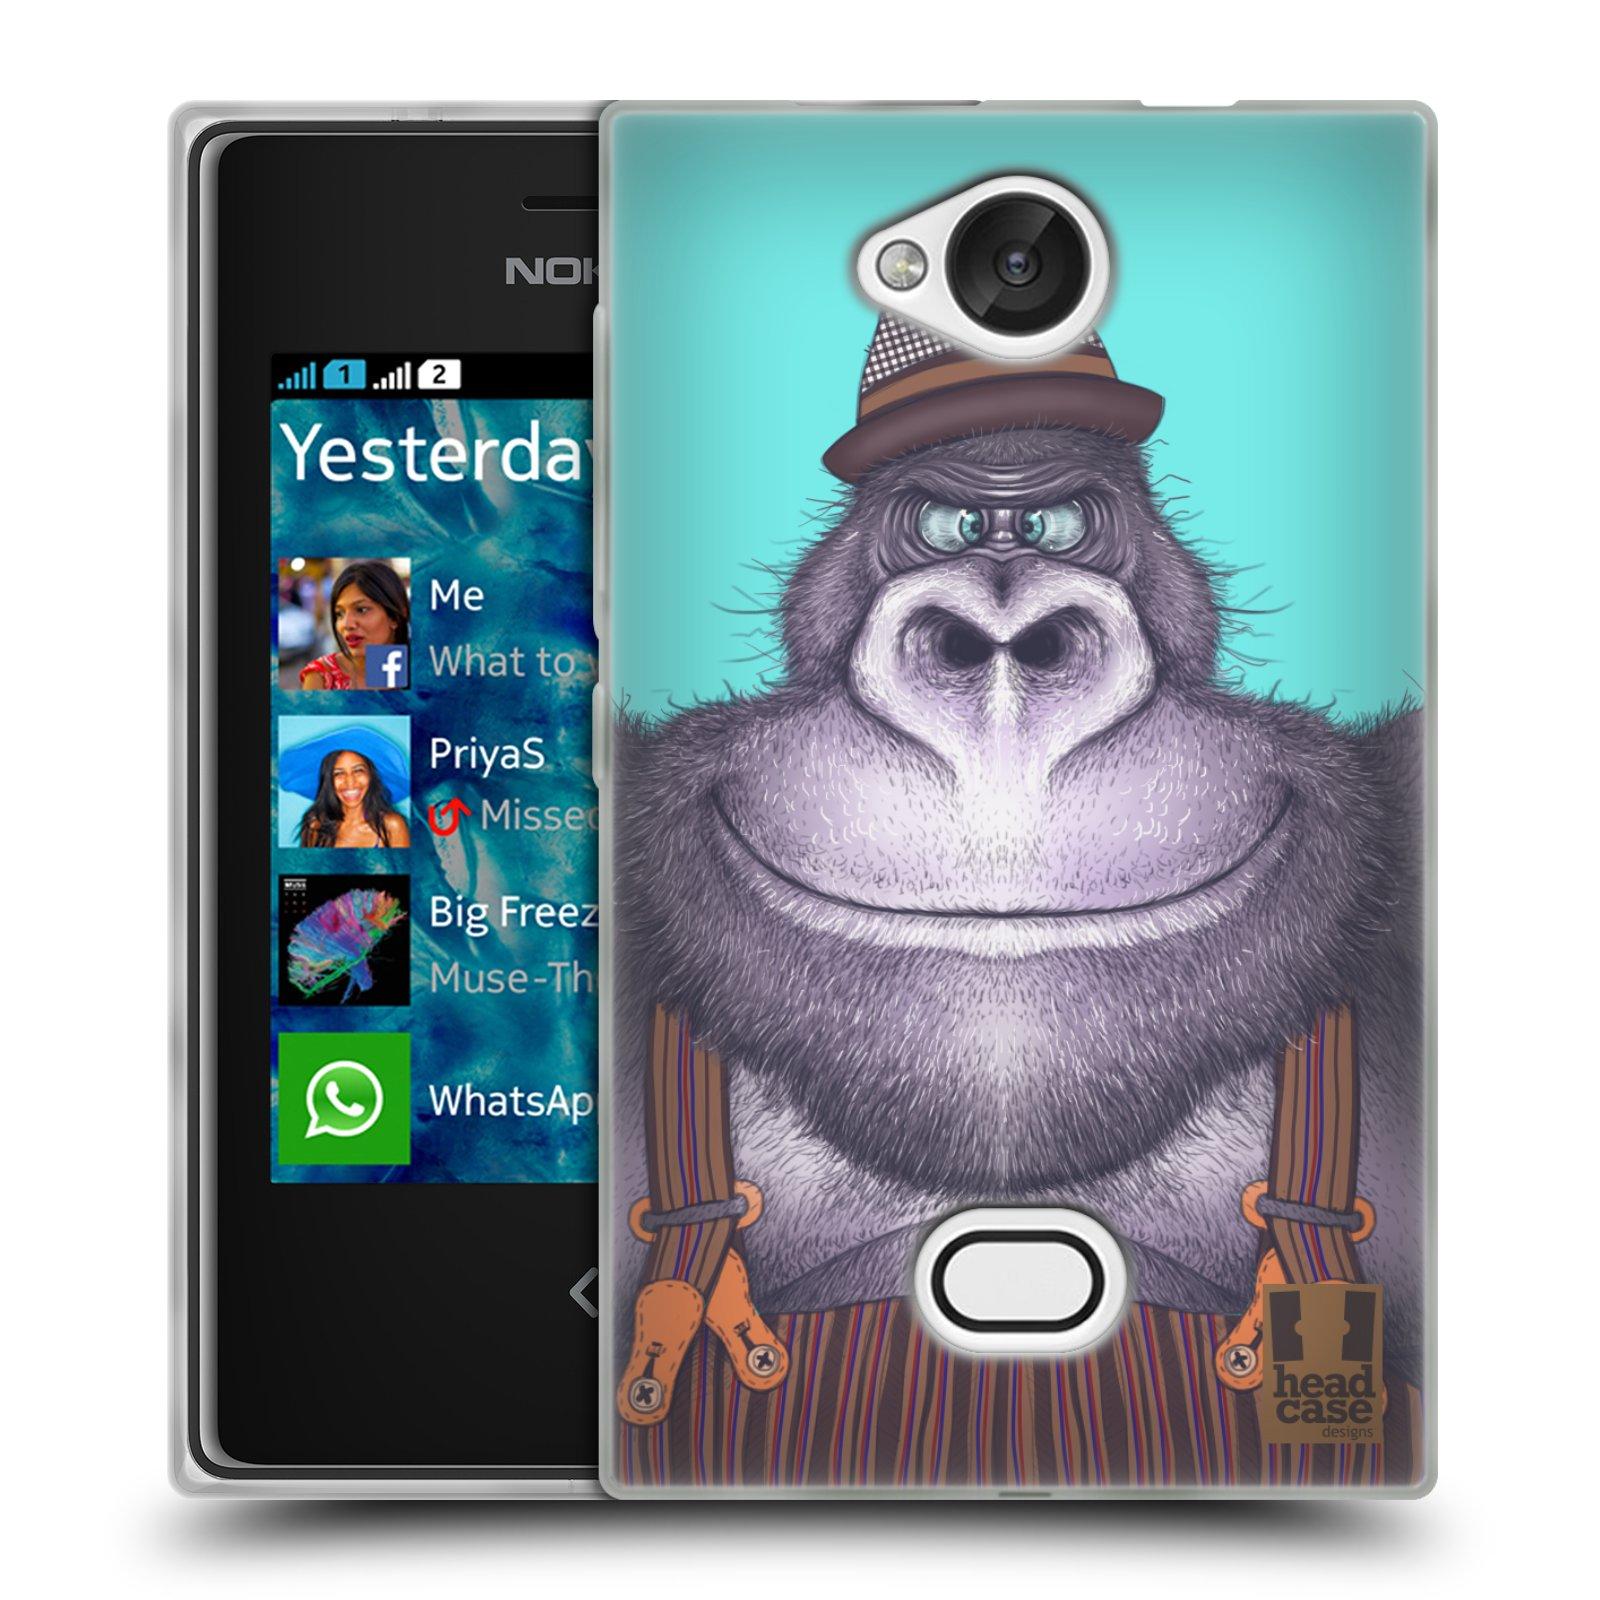 HEAD CASE silikonový obal na mobil NOKIA Asha 503 vzor Kreslená zvířátka gorila